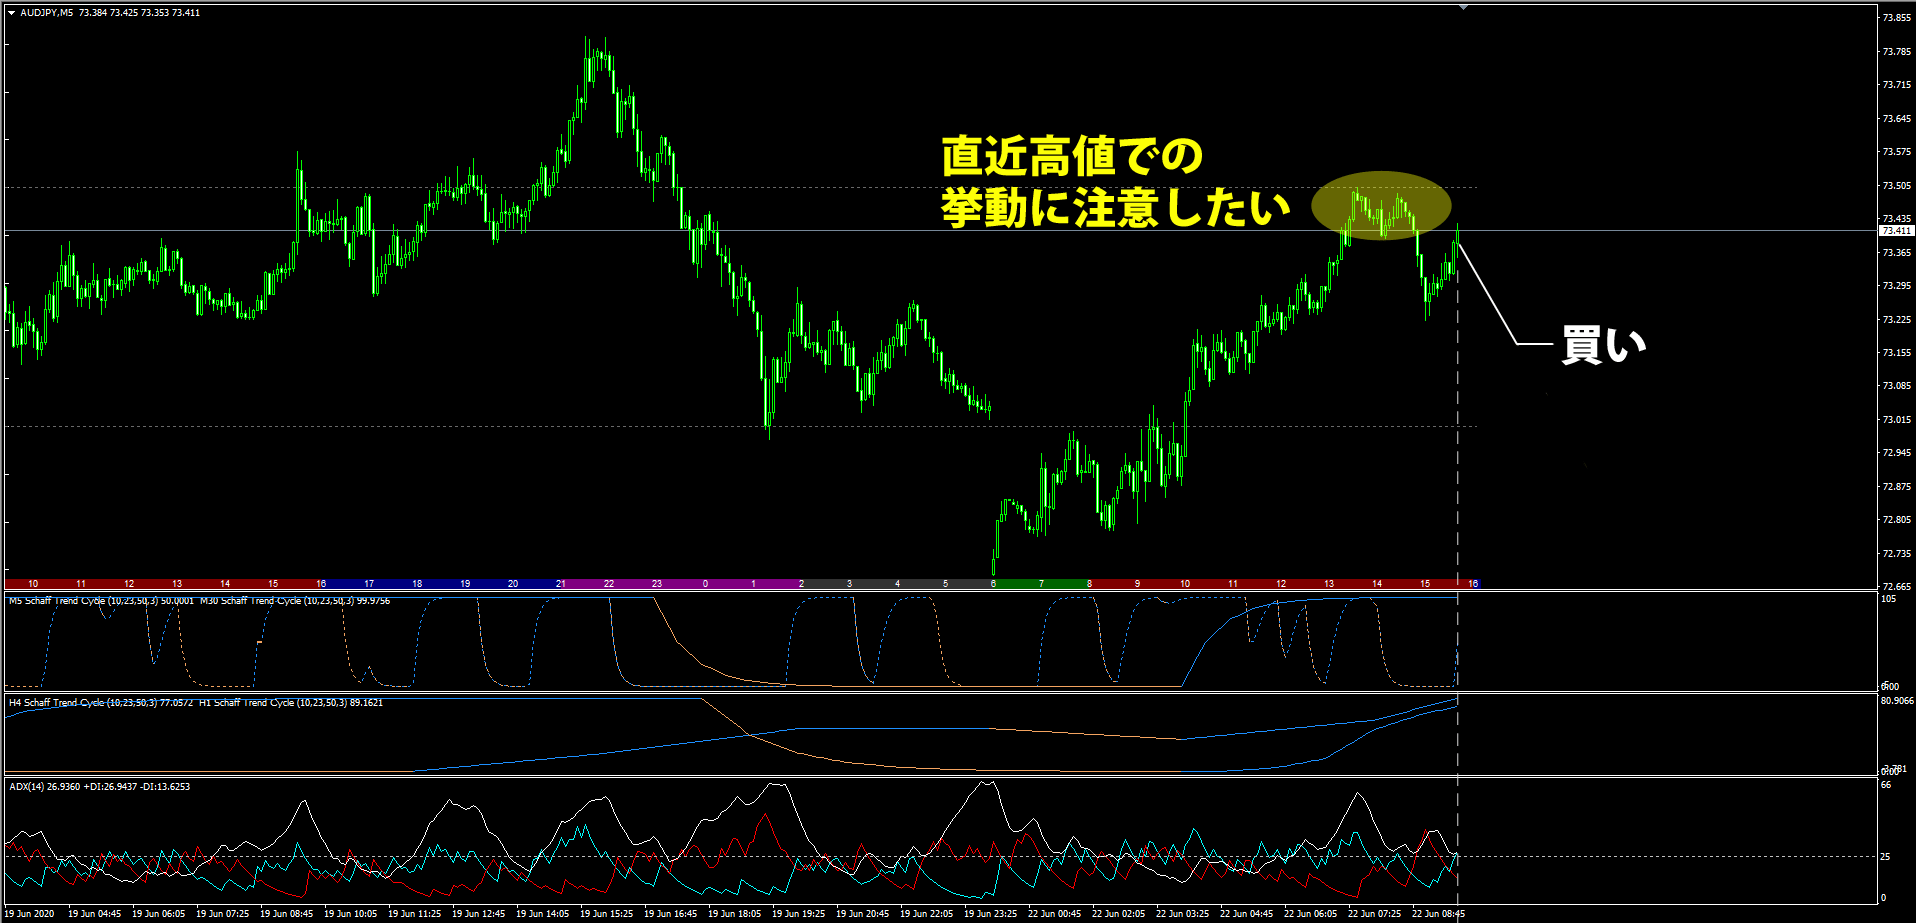 Schaff_Trend_Cycleを使うオージー円のトレード事例